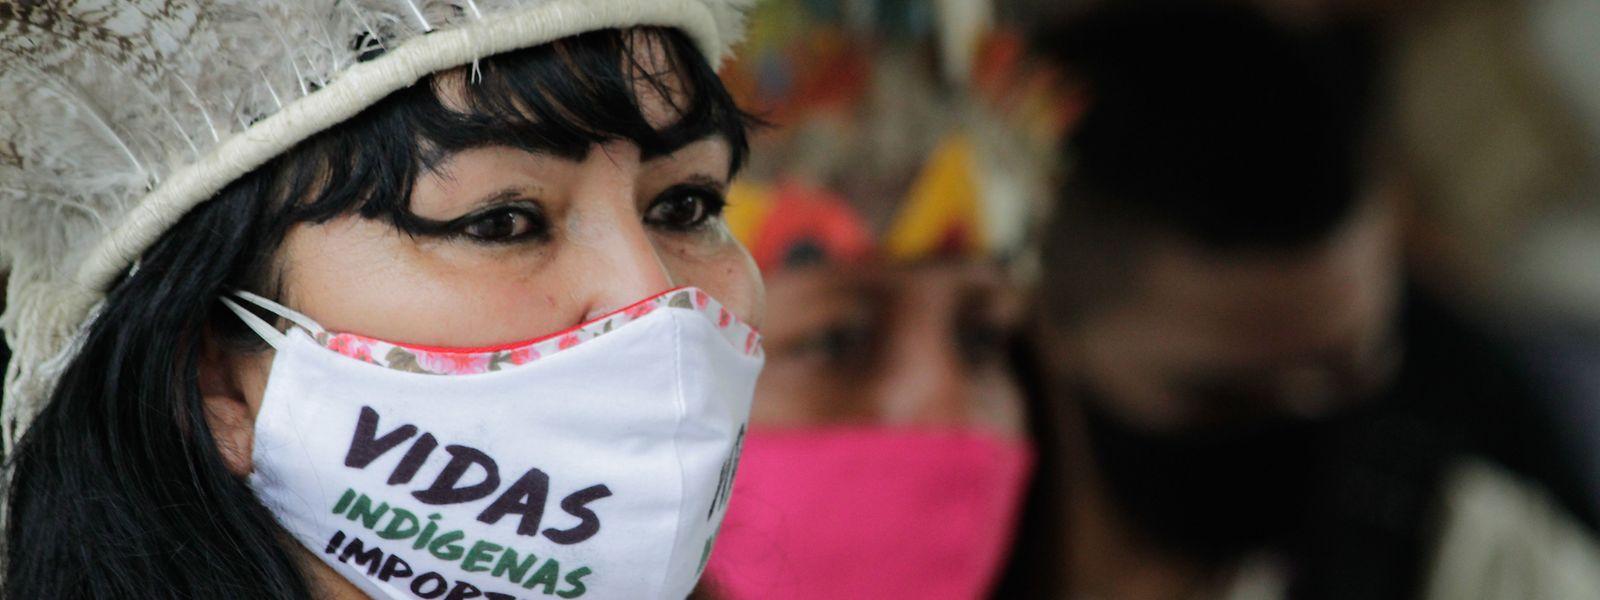 """Milena Kokama, Anführerin der Indigenen vom Volk der Kokama, Brasilien, trägt einen Mundschutz mit der Aufschrift """"Das Leben der Indigenen ist wichtig""""."""